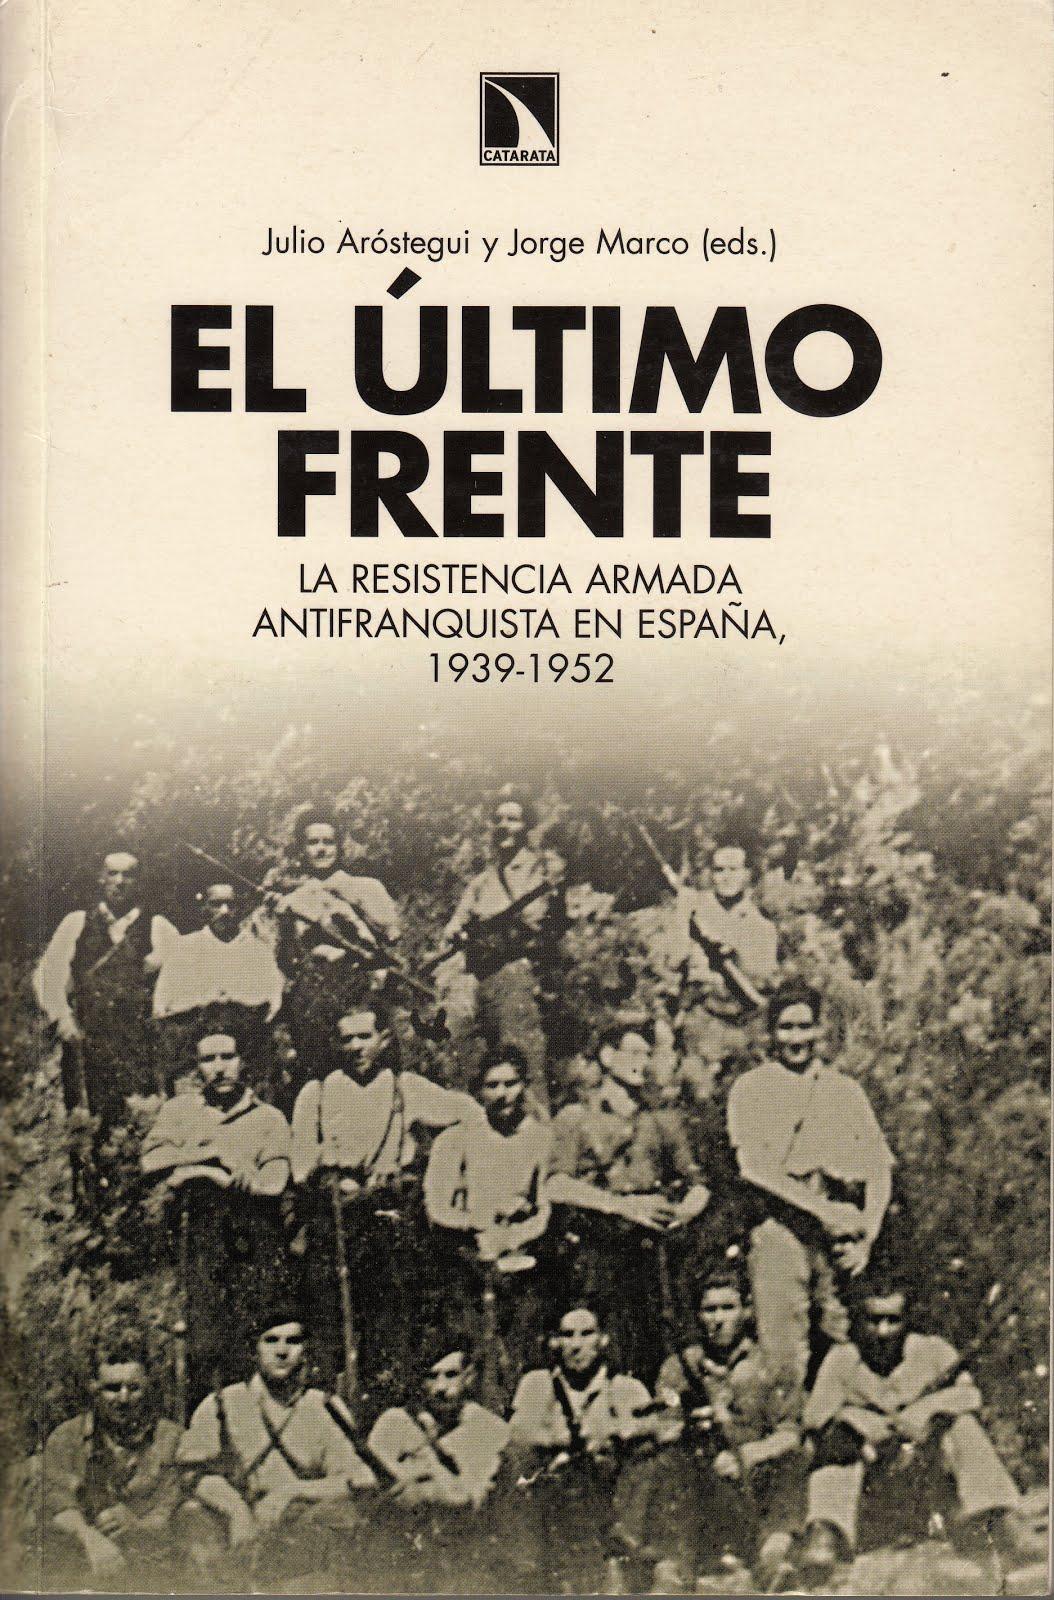 EL ÚLTIMO FRENTE. LA RESISTENCIA ARMADA ANTIFRANQUISTA EN ESPAÑA, 1939 - 1952.